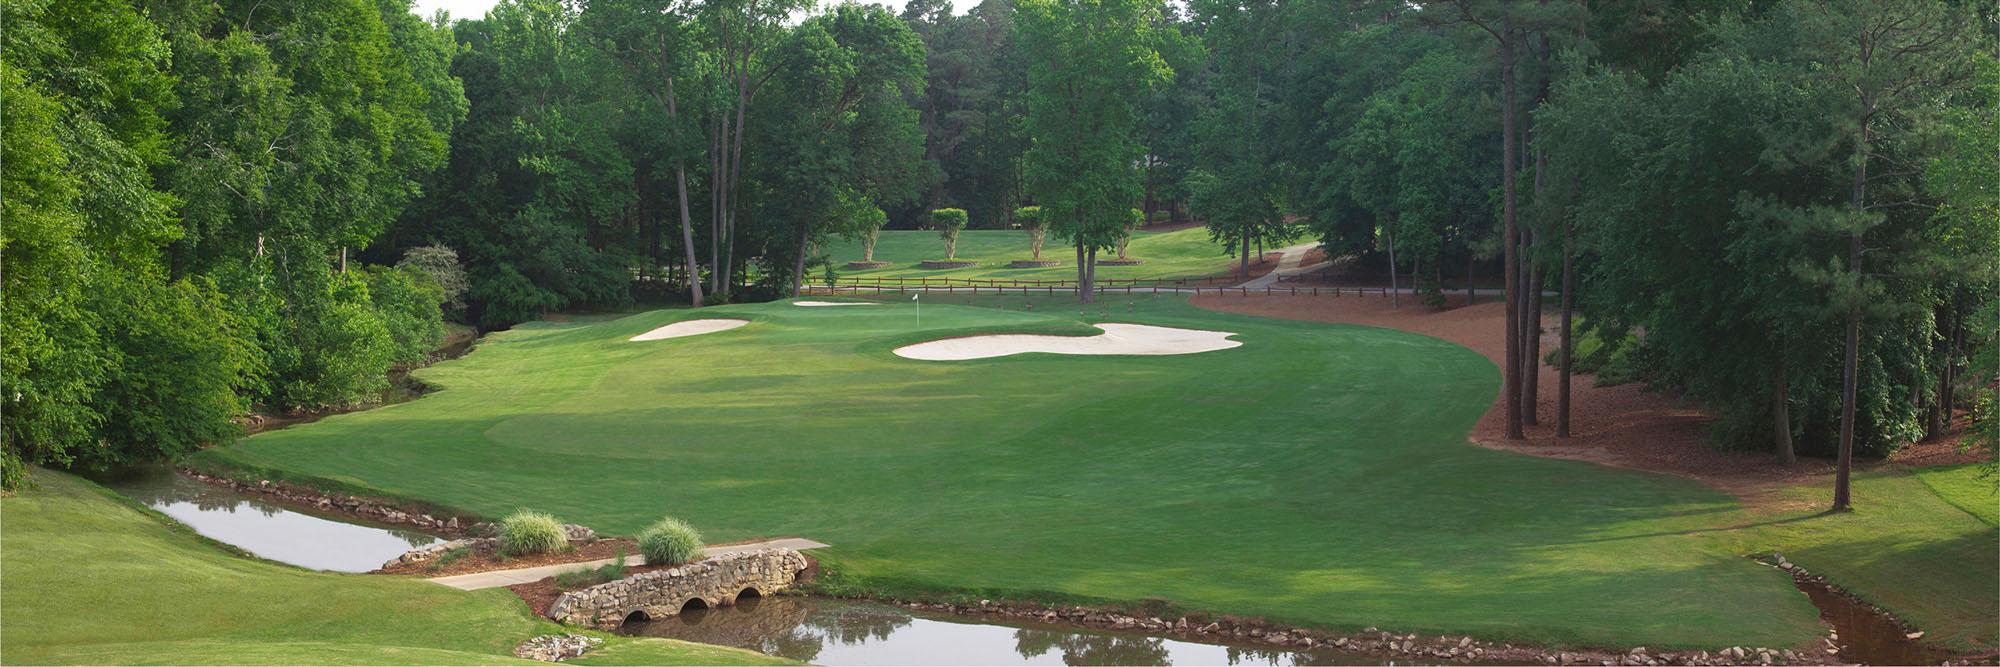 Golf Course Image - MacGregor Downs No. 16